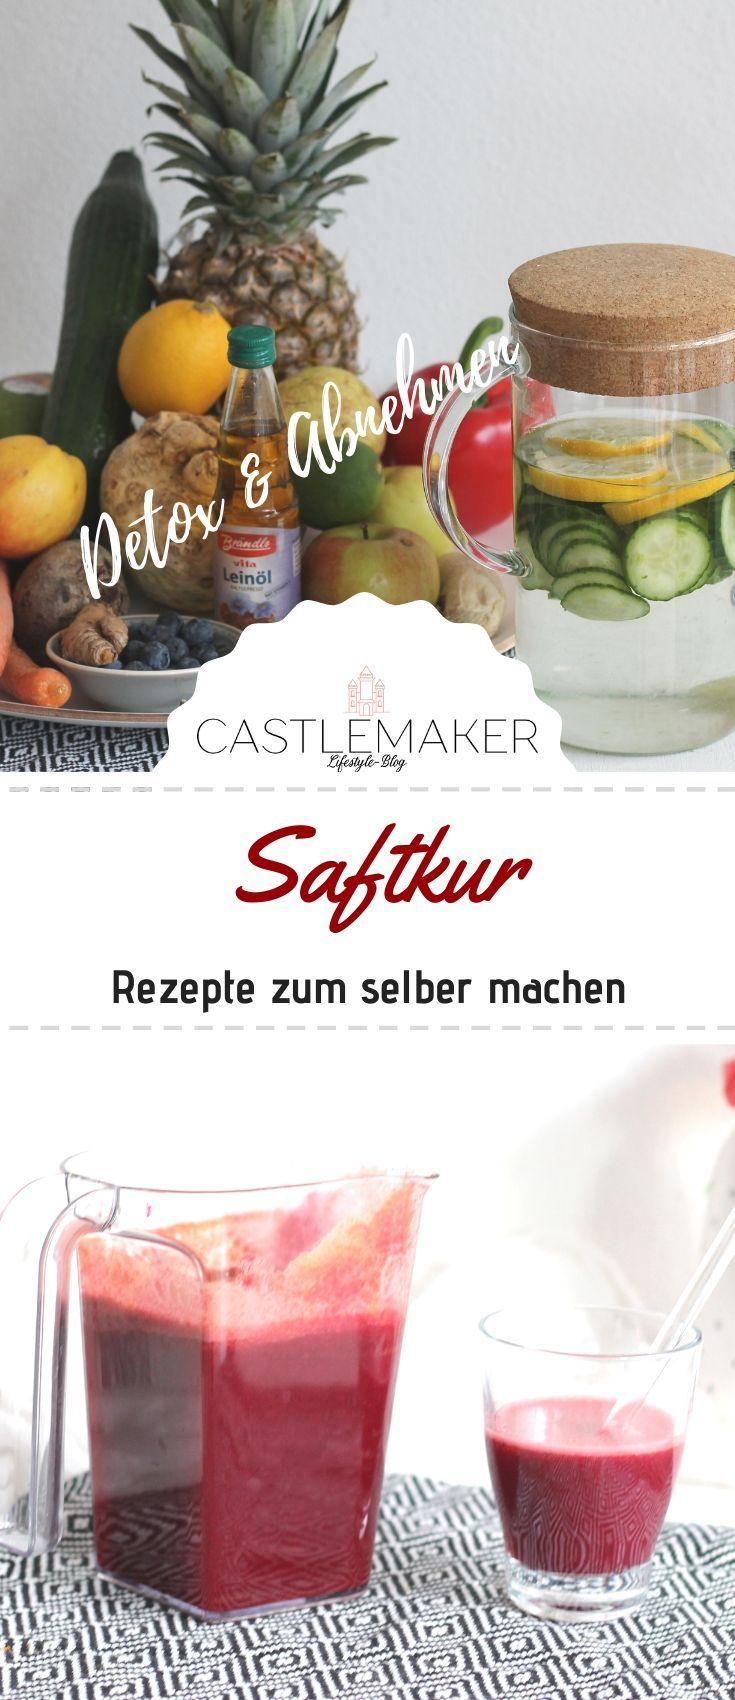 Säfte für die Saftkur selbst herstellen - Saftkur Rezepte + Fastensuppe « CASTLEMAKER Lifestyle-Blog